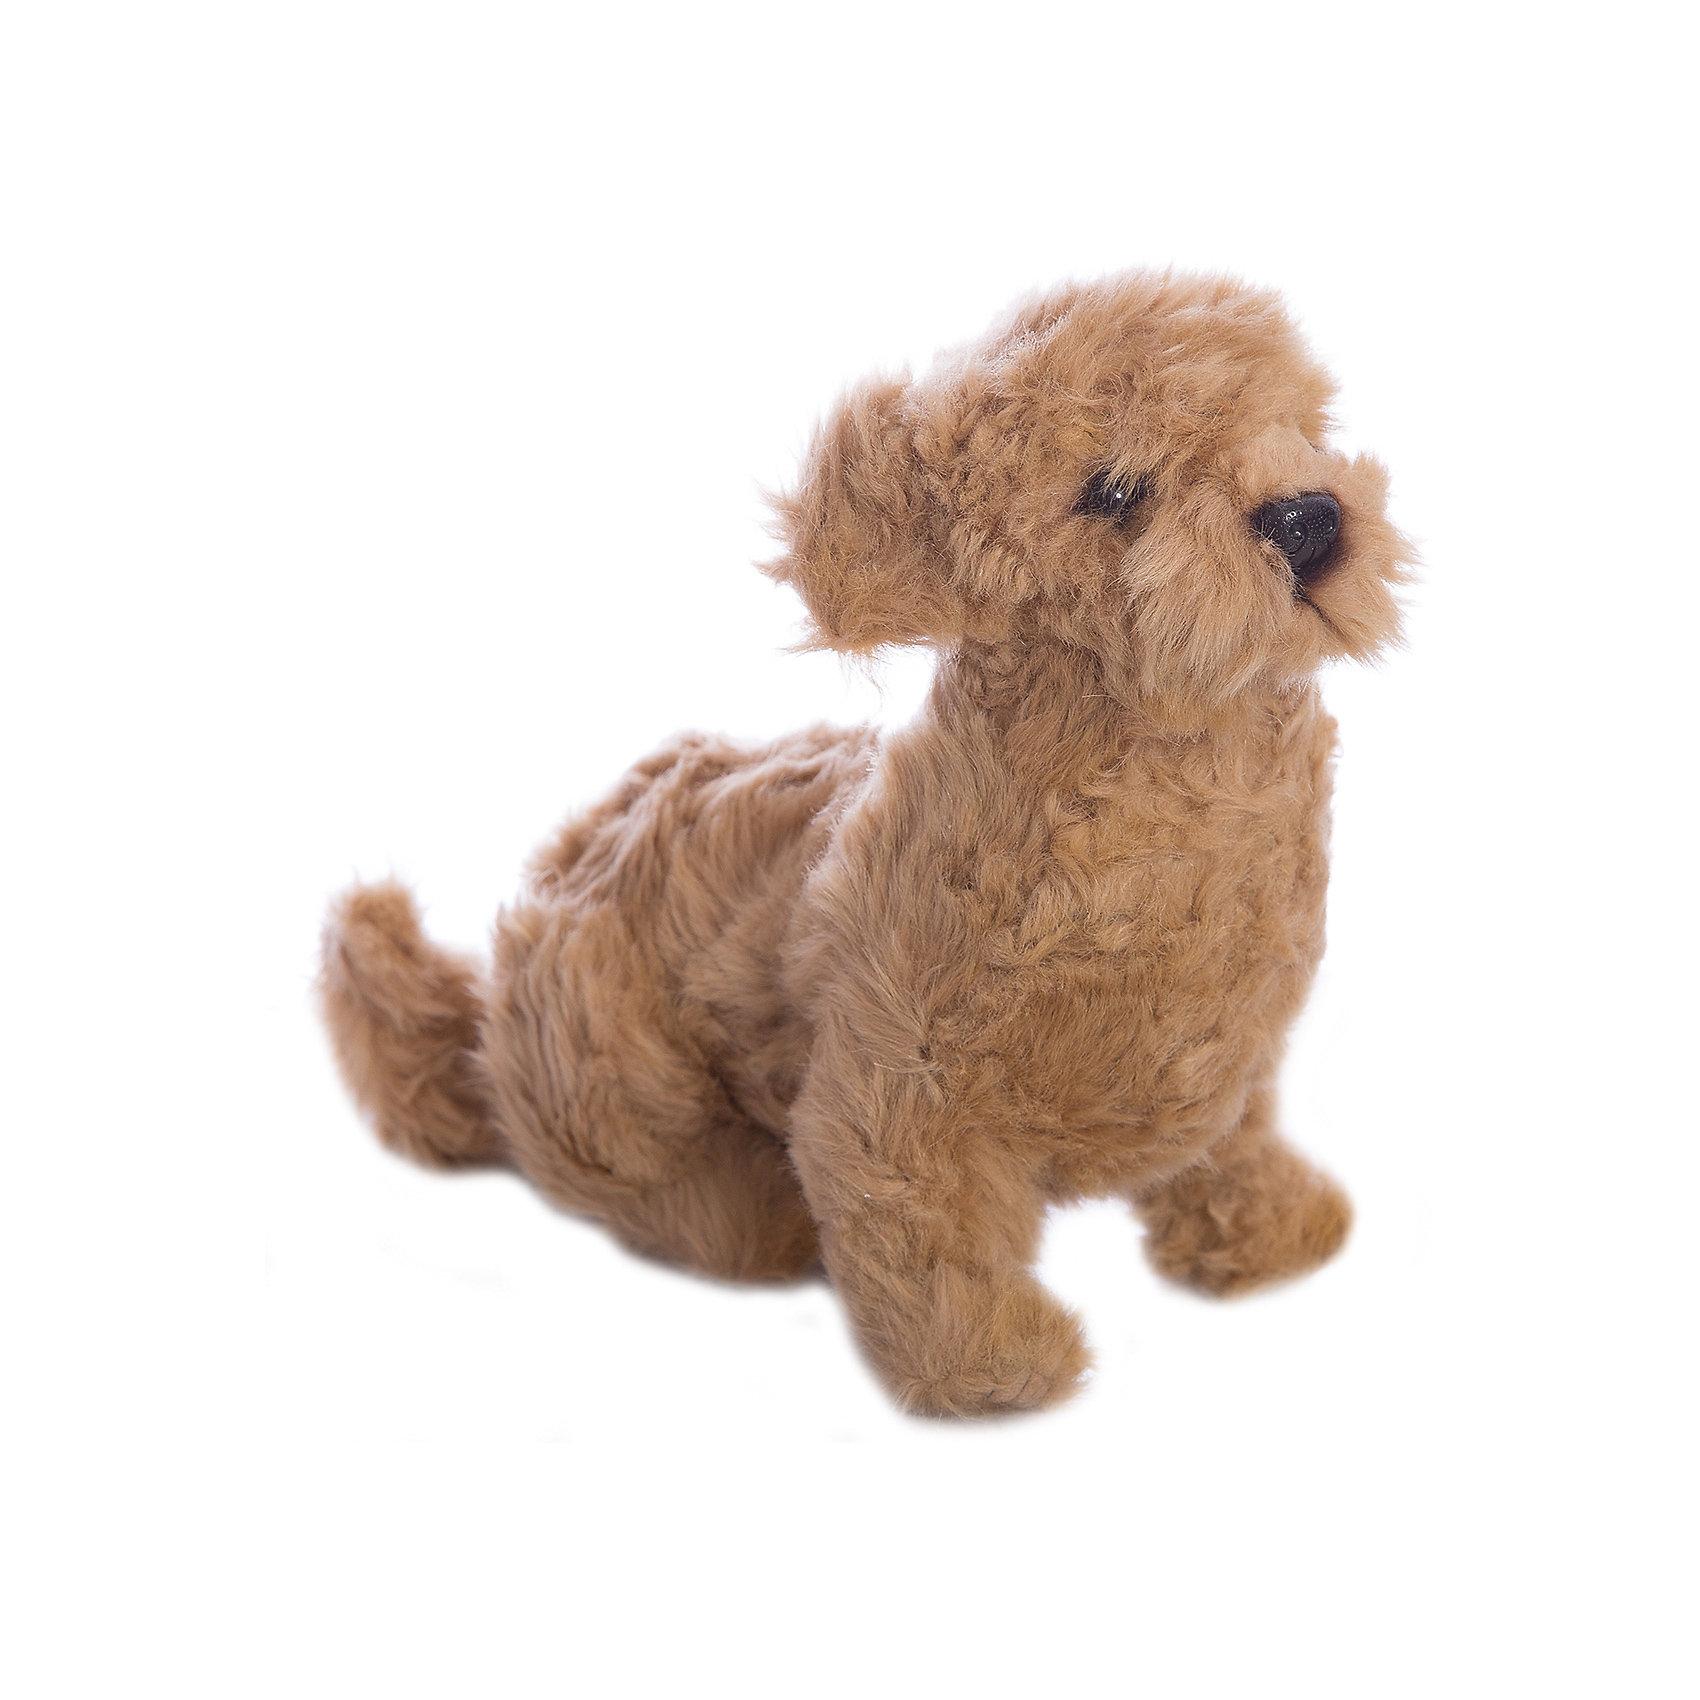 Филиппинская собака, 30 см, HansaКошки и собаки<br>Hansa  - мировой лидер по производству  натуралистичных, максимально похожих на настоящих животных, мягких игрушек. <br>Ханса воссоздает  экстерьер и окрас животных, фактуру шерсти, характерные позы и даже характер. <br>Благодаря своей реалистичности, игрушки HANSA позволяют любоваться дикими животными, сохраняя их жизнь.<br><br>Ширина мм: 220<br>Глубина мм: 300<br>Высота мм: 150<br>Вес г: 840<br>Возраст от месяцев: 36<br>Возраст до месяцев: 2147483647<br>Пол: Унисекс<br>Возраст: Детский<br>SKU: 5503304